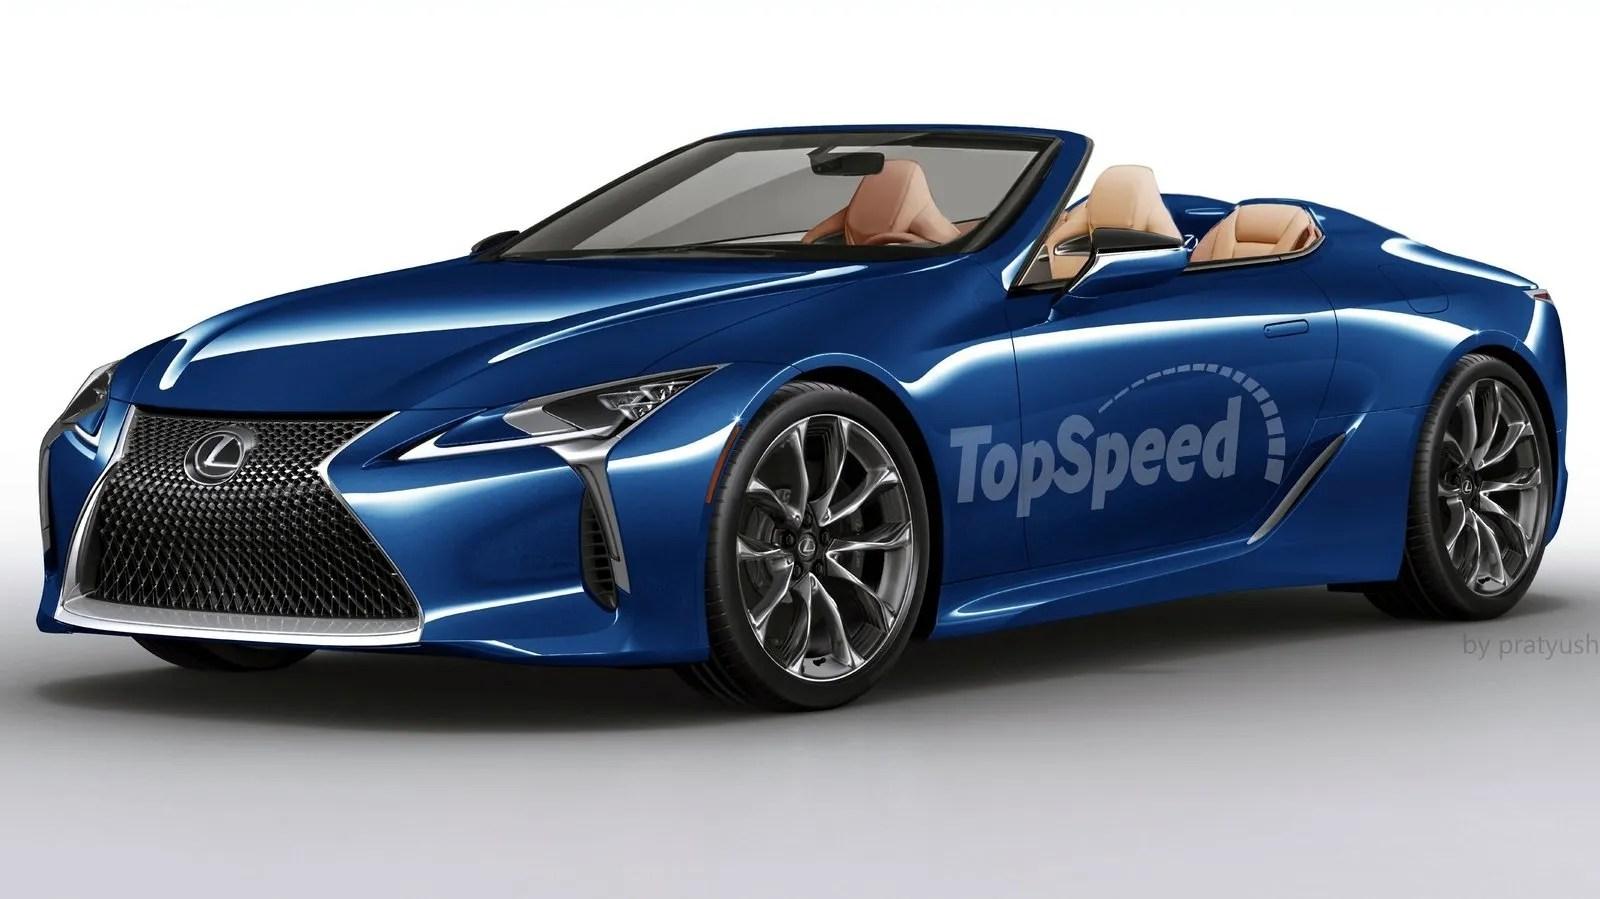 2018 Lexus Lc Convertible Top Speed